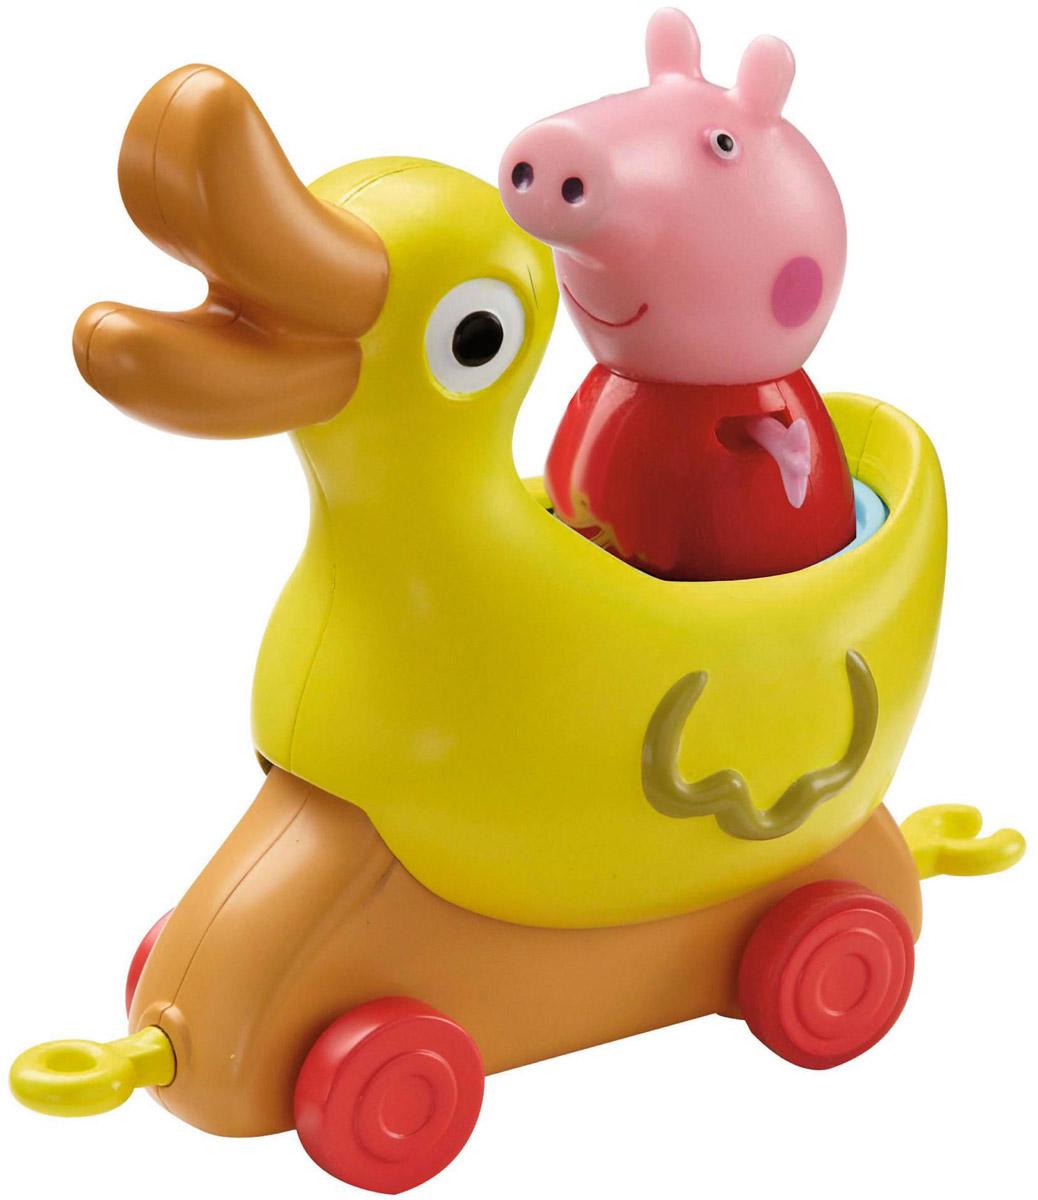 Peppa Pig Игровой набор Каталка Уточка31010Игровой набор Peppa Pig Каталка Уточка непременно понравится вашему ребенку и займет его внимание надолго. Набор включает: фигурку свинки Пеппы и каталку-уточку. Ручки и ножки у фигурки двигаются. Привяжите веревочку к специальному держателю и посадите фигурку Пеппы на сидение, чтобы ваш малыш мог увлеченно возить каталку, развивая координацию движений. Уточка качается во время движения. А чтобы игра была интереснее, можно дополнительно приобрести каталки в виде динозаврика, лошадки и чашечки из серии Пеппа в луна-парке, которые идеально совмещаются друг с другом, благодаря специальным держателям. Ваш ребенок будет с удовольствием играть с этим набором, придумывая различные истории и составляя собственные сюжеты. Пеппа - симпатичная маленькая свинка, которая живет вместе со своими Мамой Свинкой, Папой Свином и маленьким братиком Джорджем. Пеппа обожает играть, наряжаться, бывать в новых местах и заводить новые знакомства, но самое любимое занятие Пеппы - прыгать в...